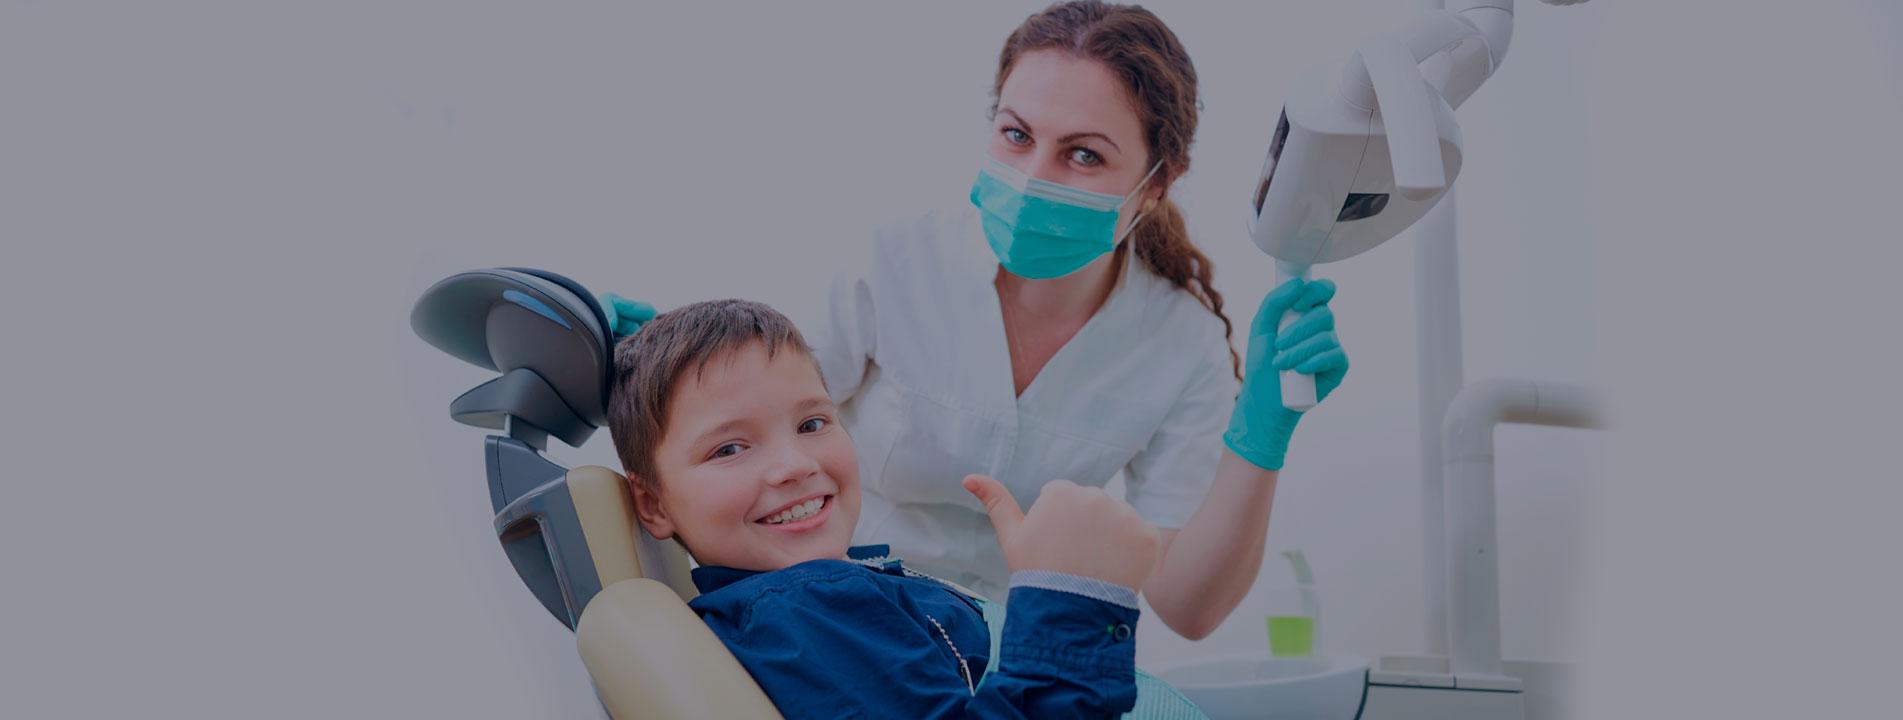 Consultas dentárias para crianças - DIMD - Clínica Média Dentária | Diagnóstico Integrado de Medicina Dentária